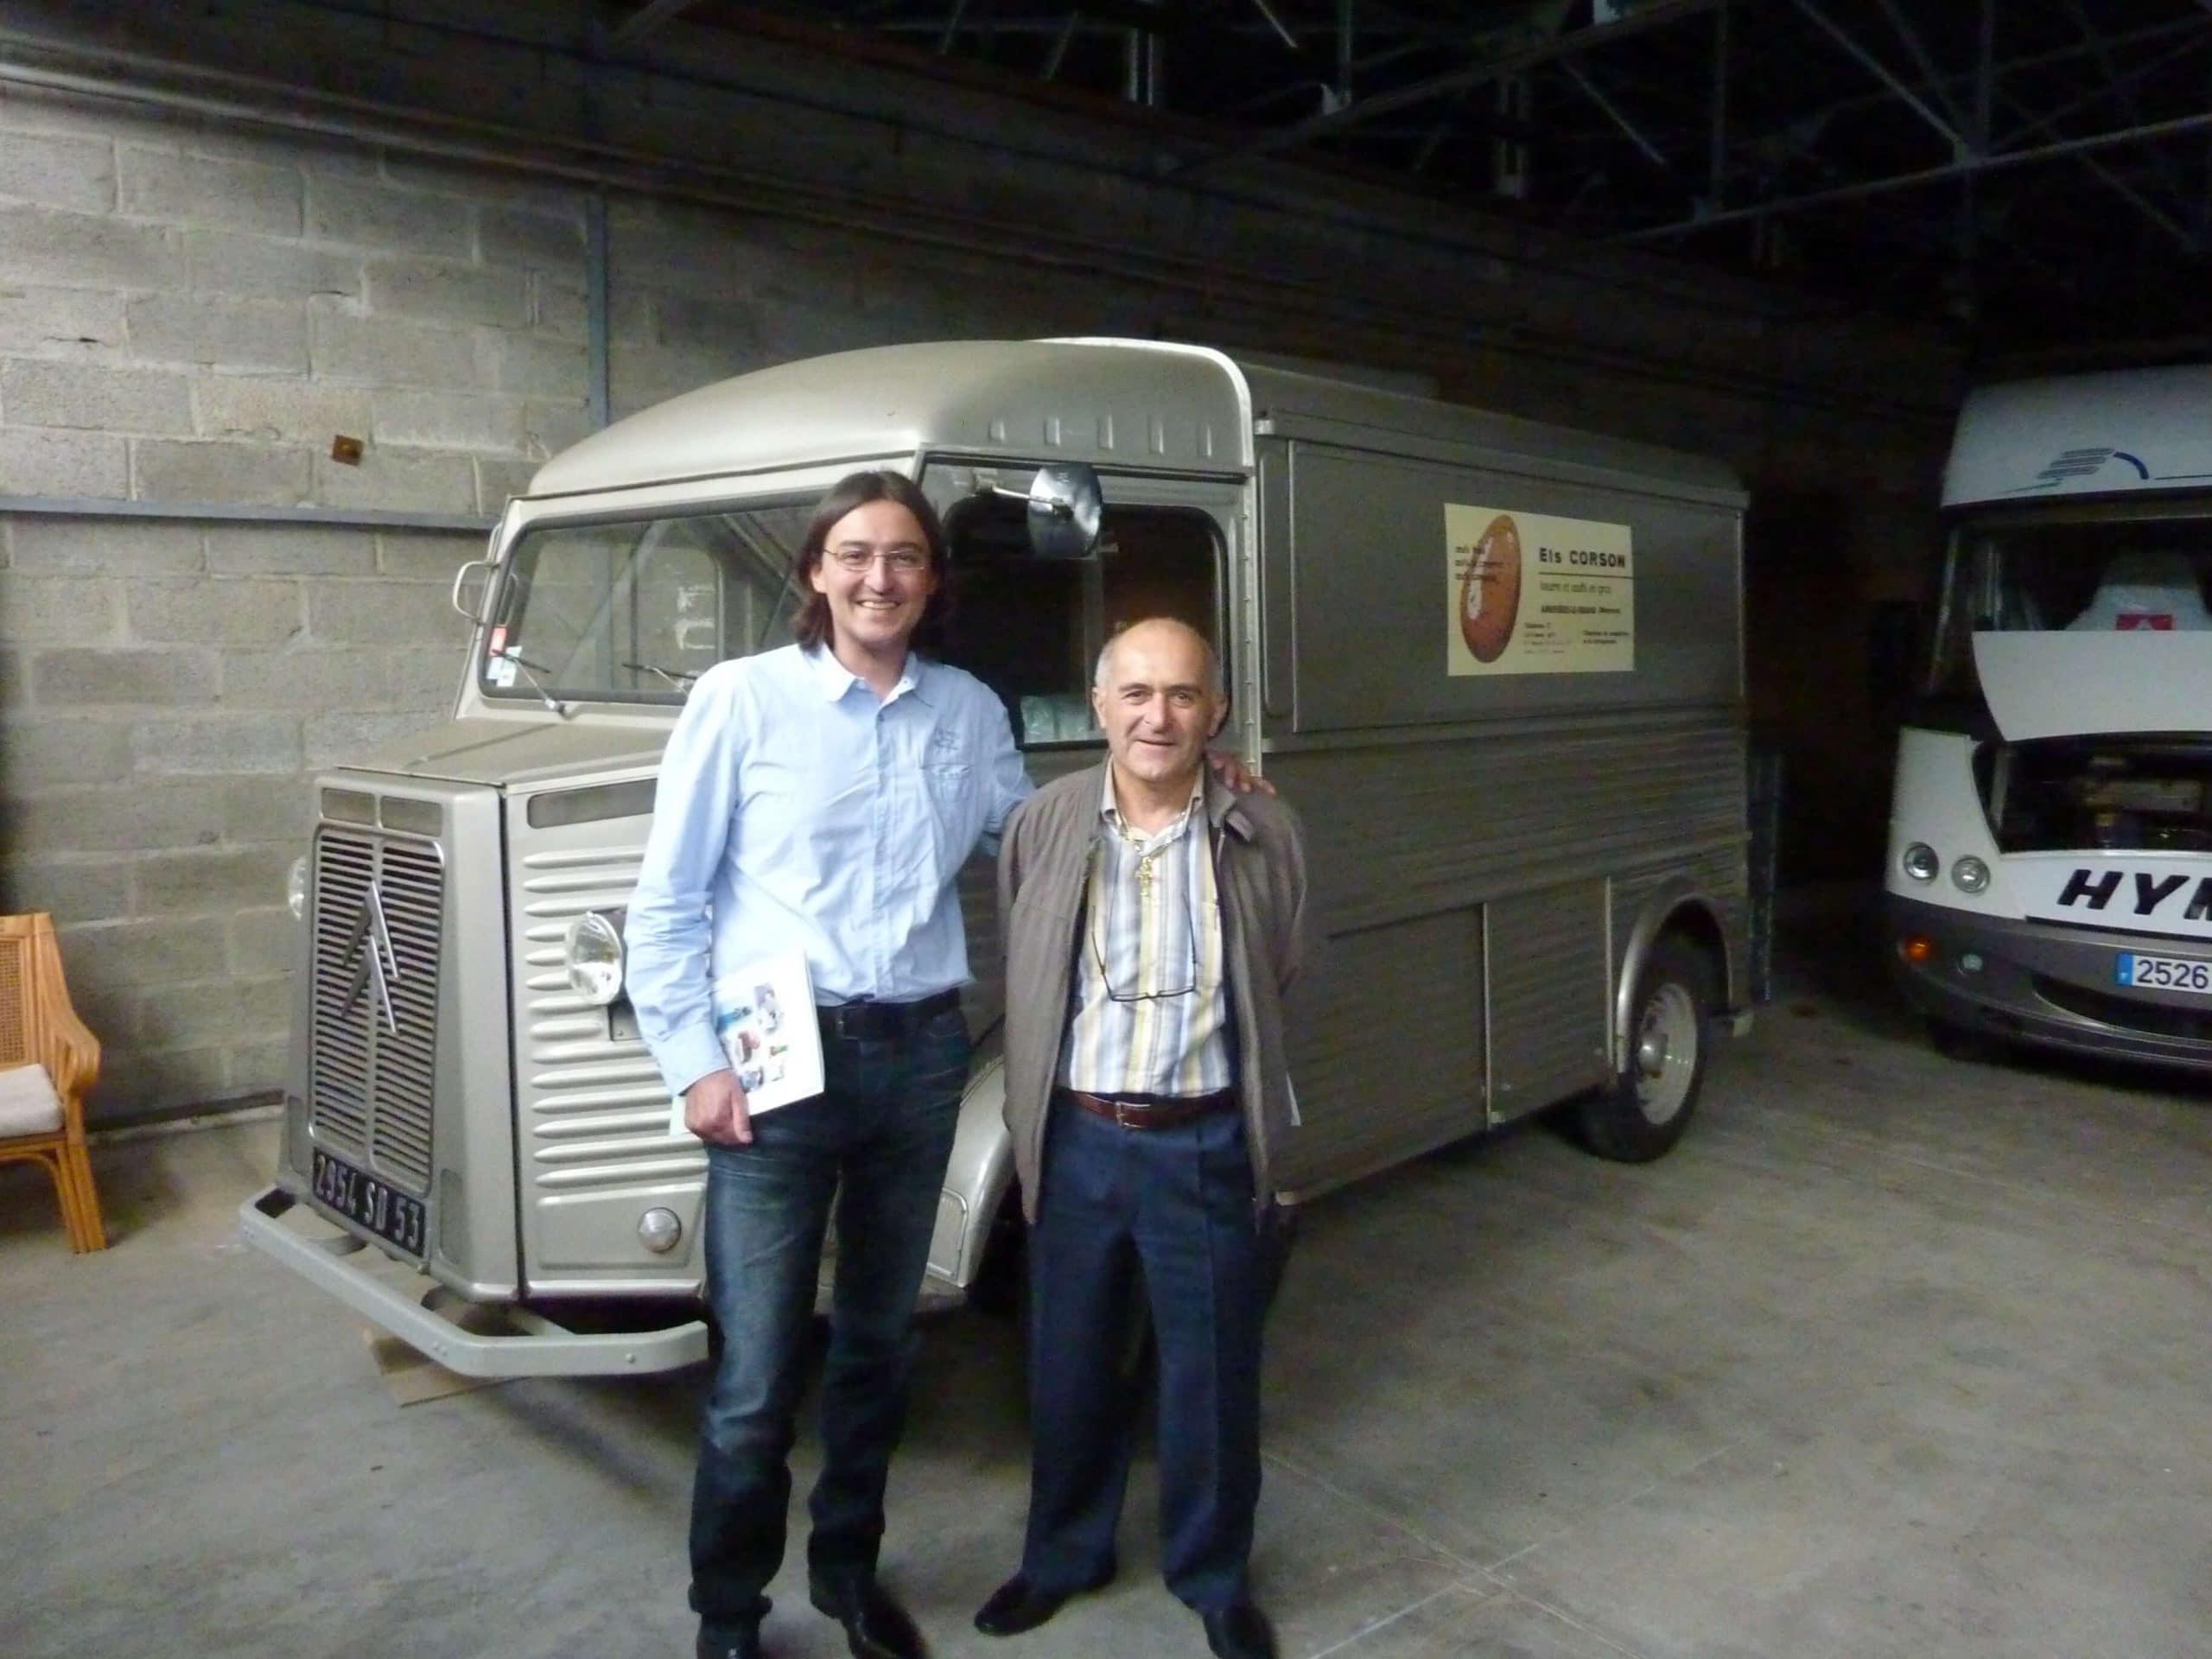 Monsieur BERARDI et son commercial devant le Tub Citroën qui collectait les œufs dans la campagne Mayennaise